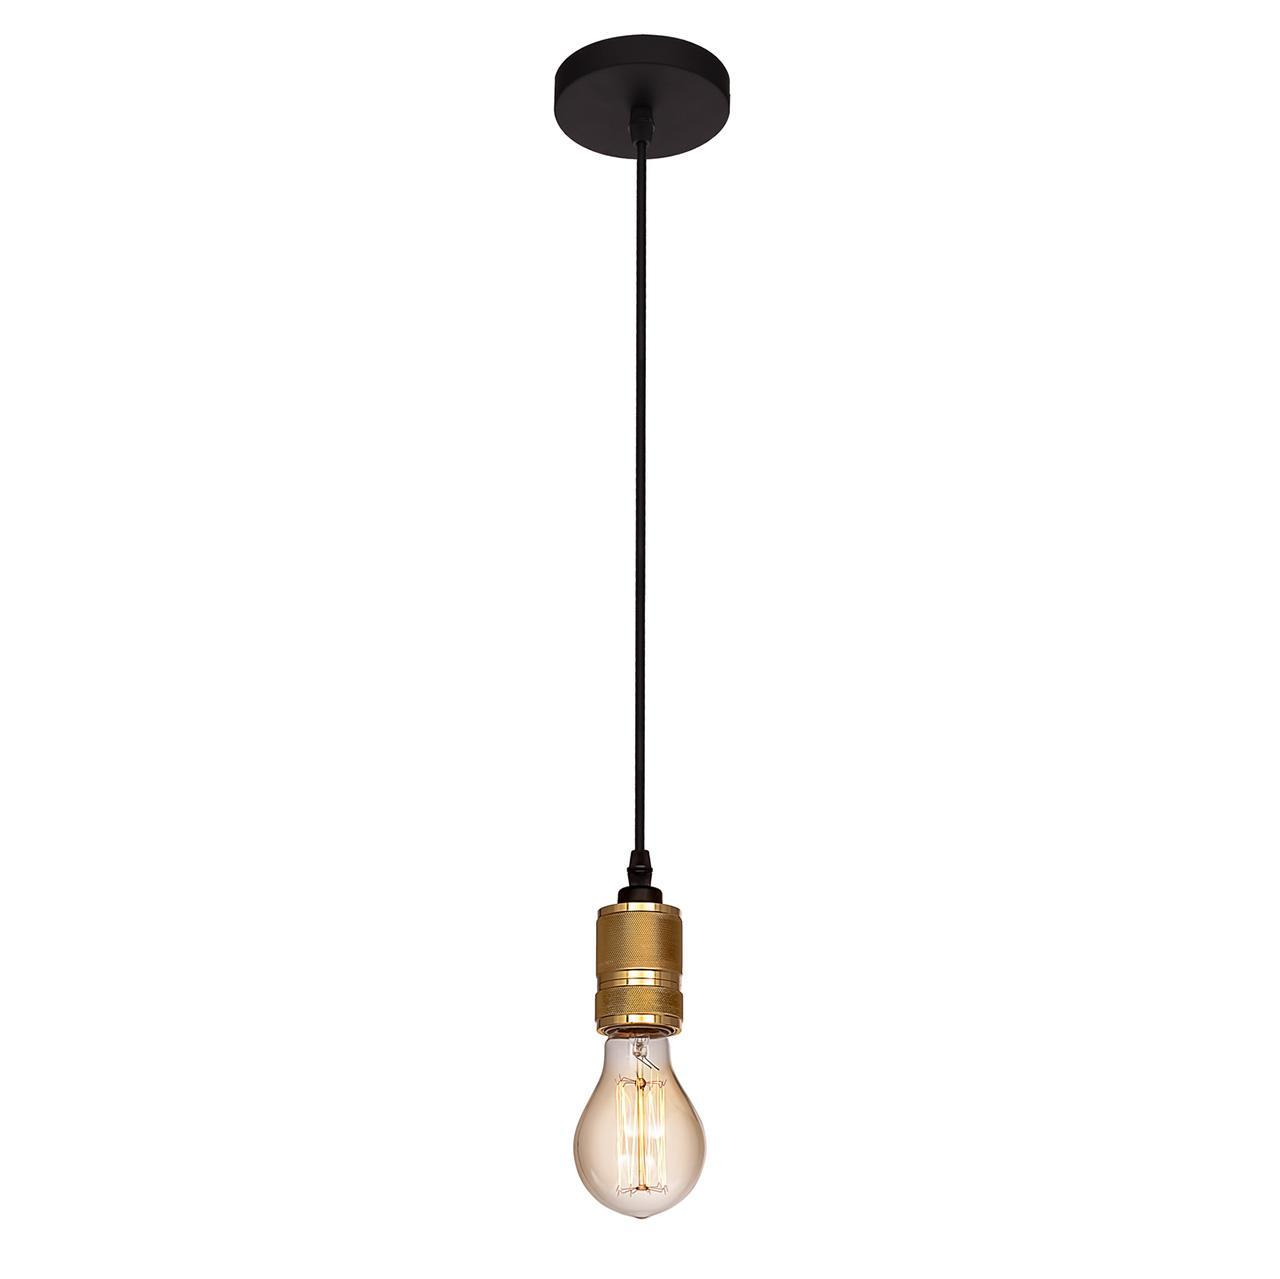 Подвесной светильник Loft IT Loft1154 настенный светильник loft it loft1344w